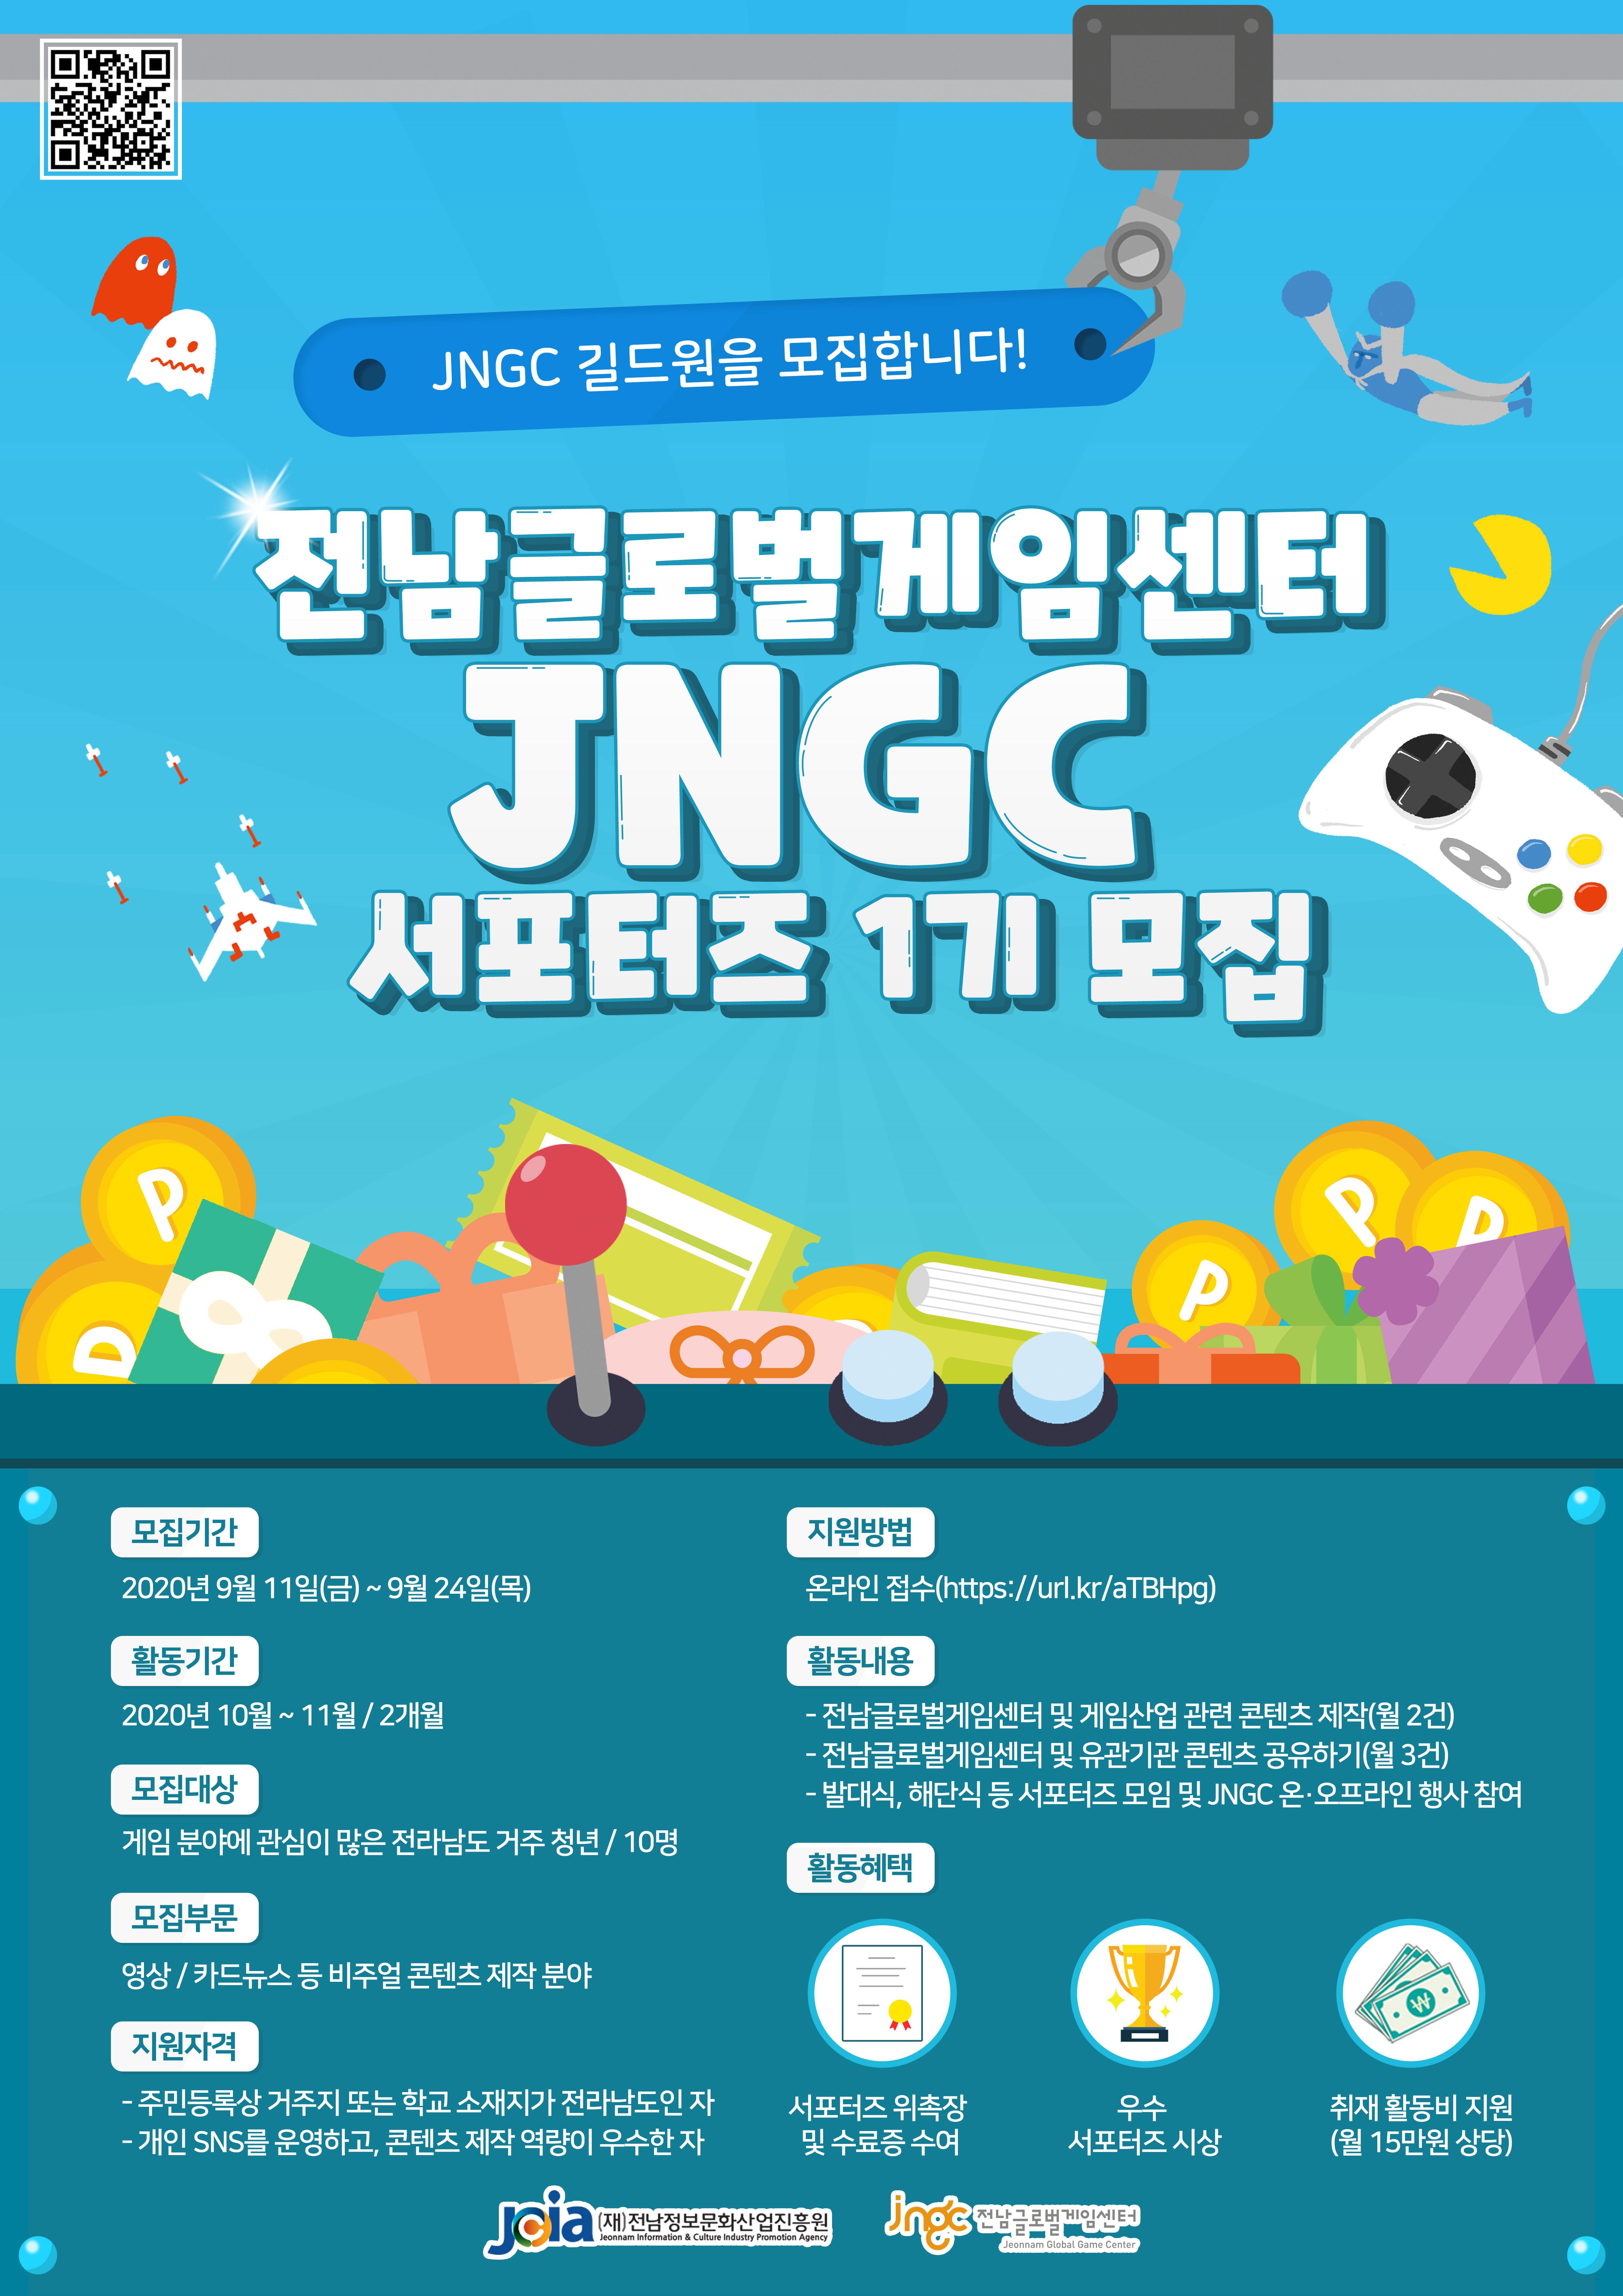 전남글로벌게임센터 서포터즈 포스터_final.jpg